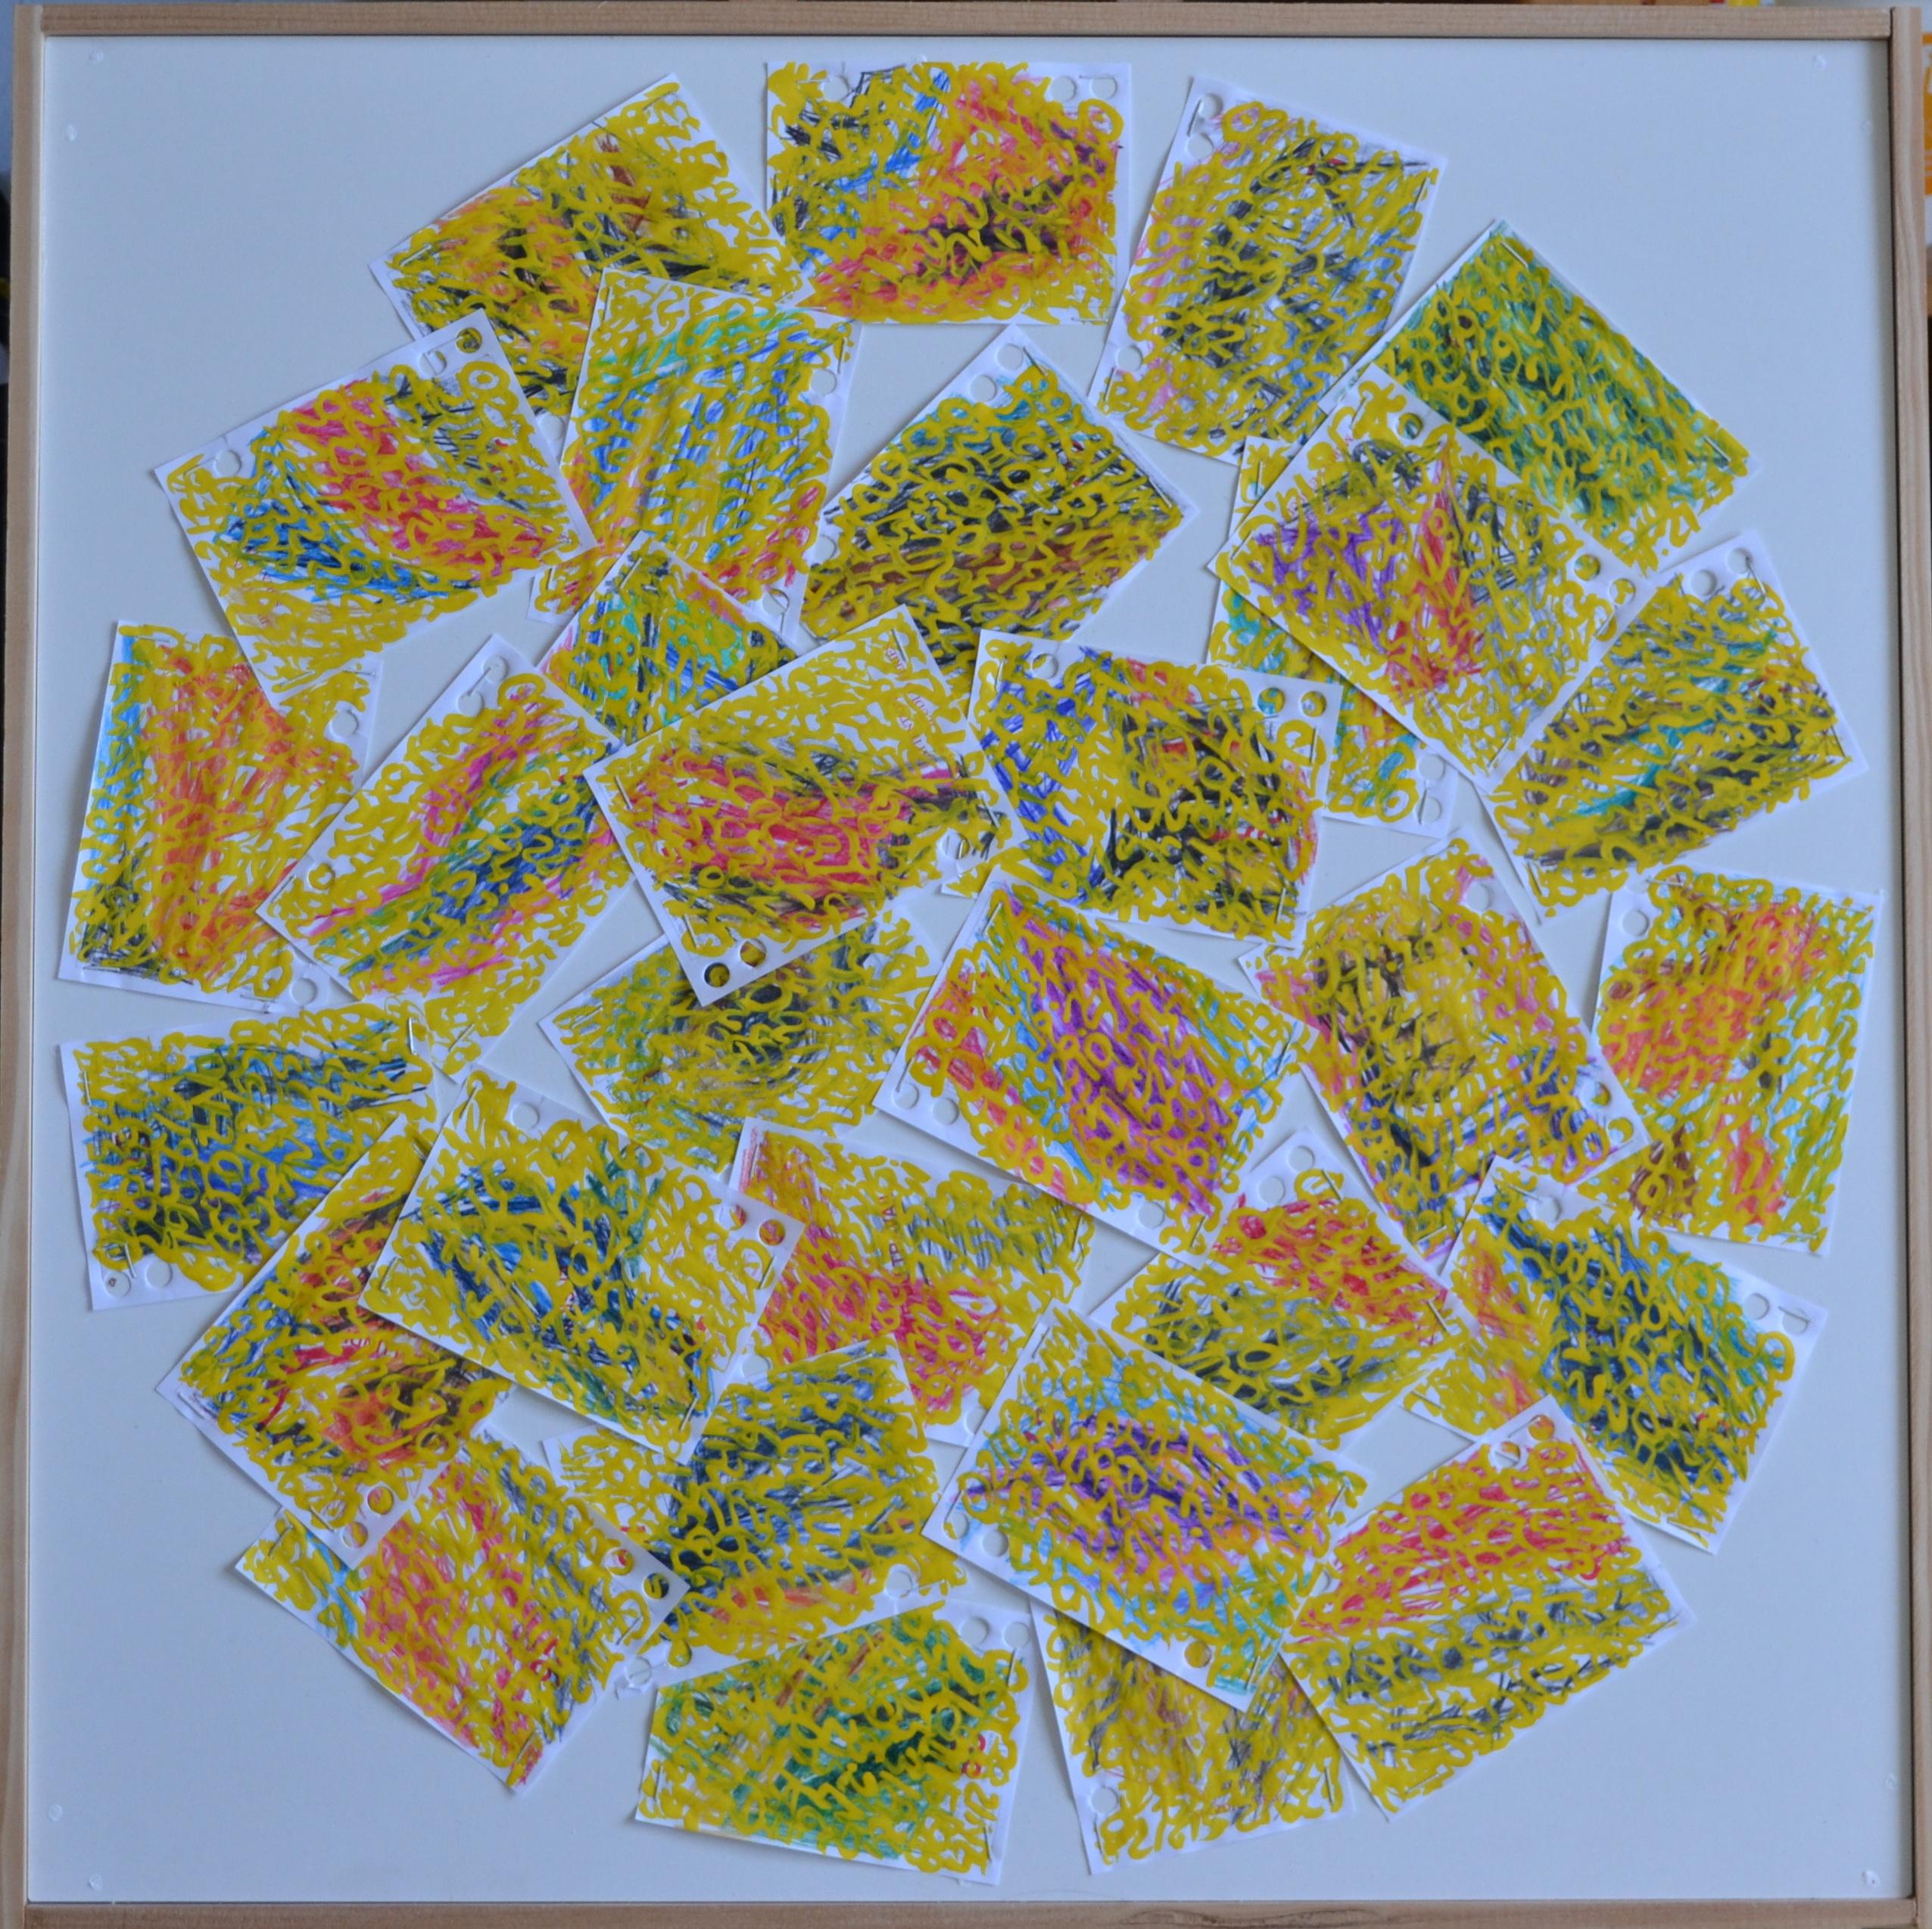 Mappemonde Ephéméride 2018, mois de Mai, 5/12, crayons de couleur et acrylique sur papiers agrafés sur bois, 59 x 59 cm.